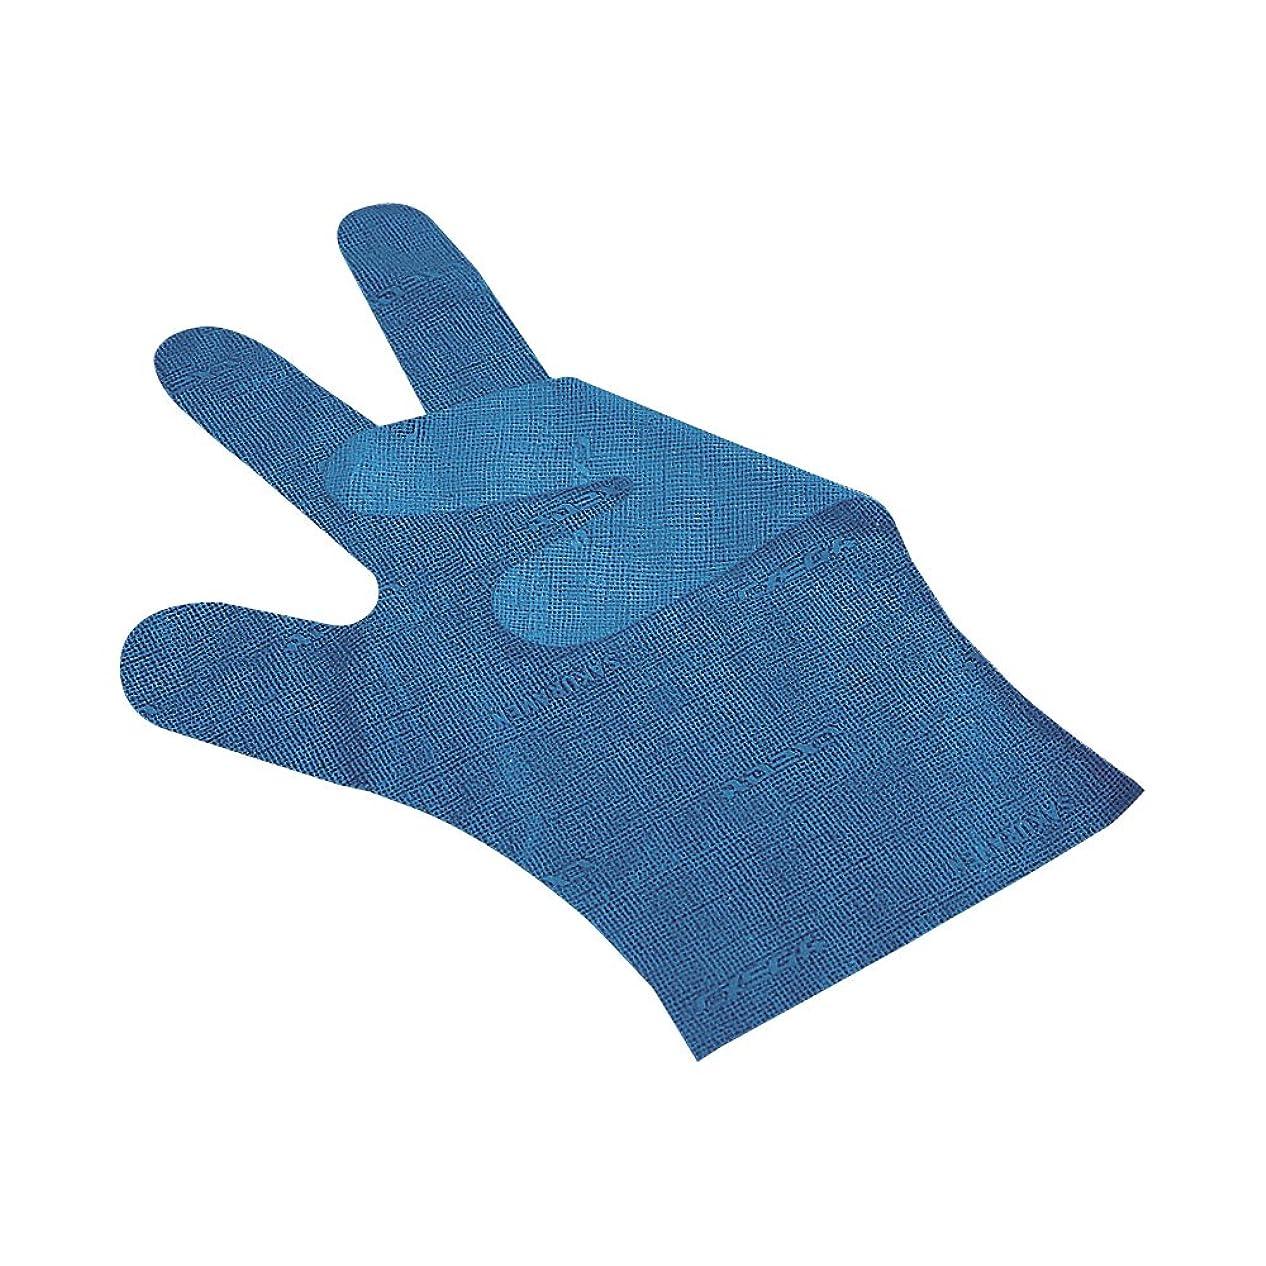 フェッチマッシュ有名サクラメンエンボス手袋 デラックス ブルー L 100枚入